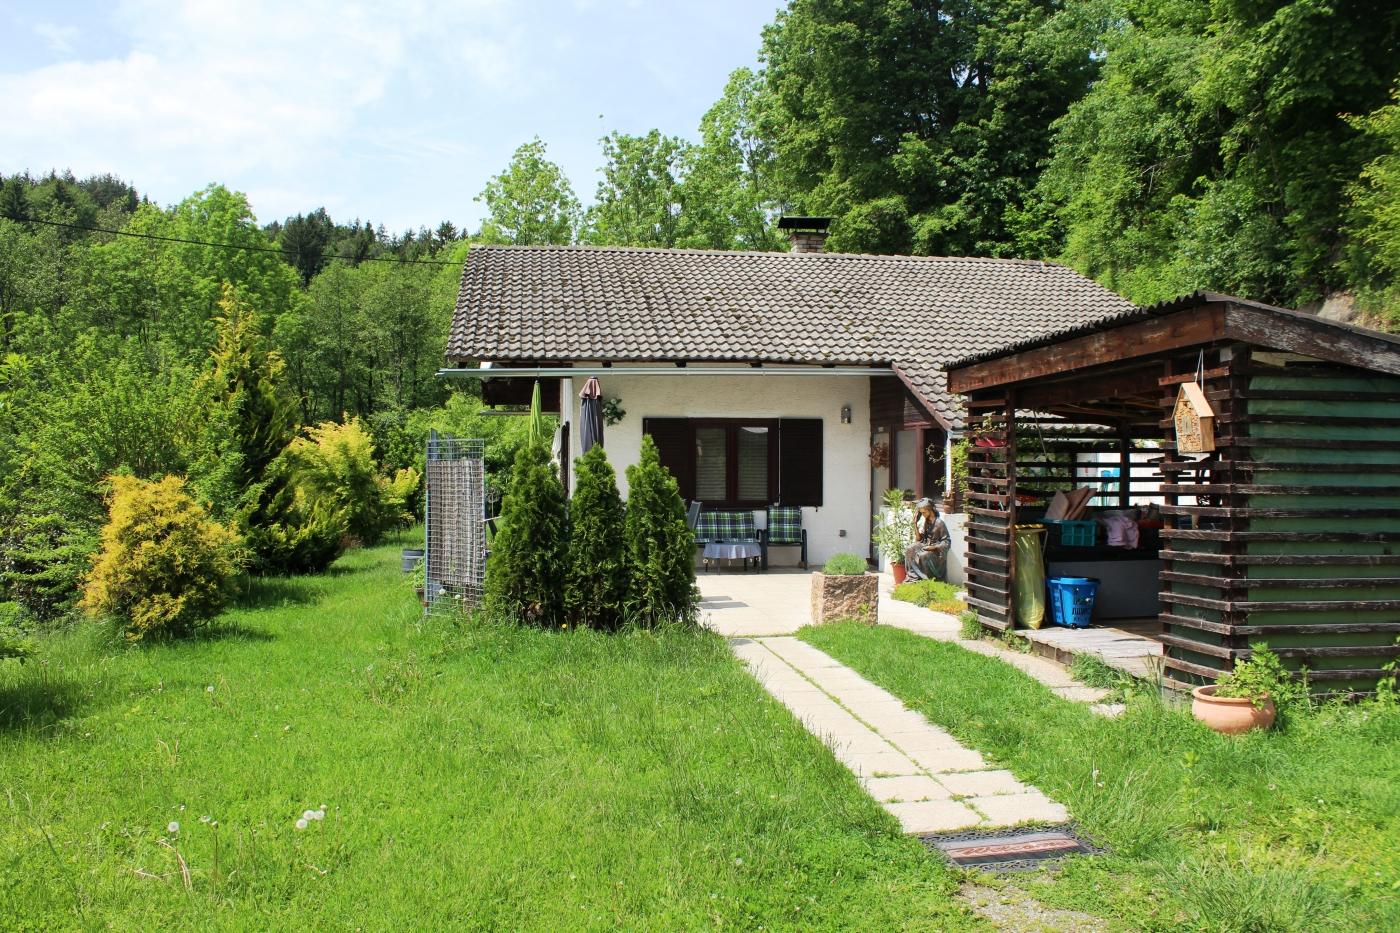 Haus, Fahrendorferstraße 51, 9220, Velden am Wörther See